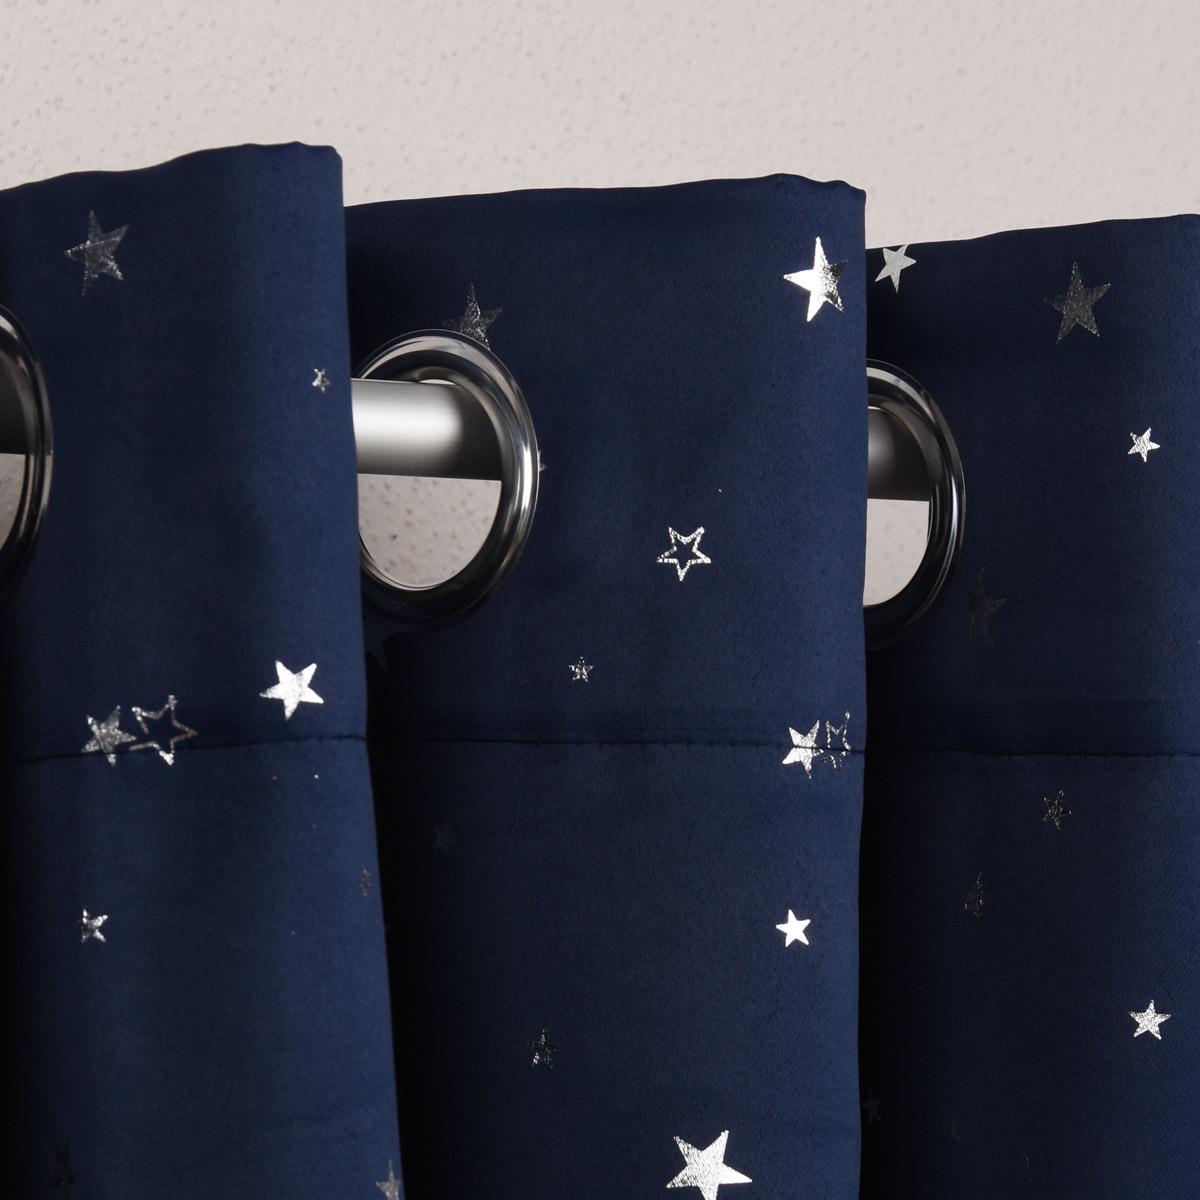 Verdunklungsgardine mit Ösenaufhängung dunkelblau mit silberfarbigen Sternchen 135x225cm